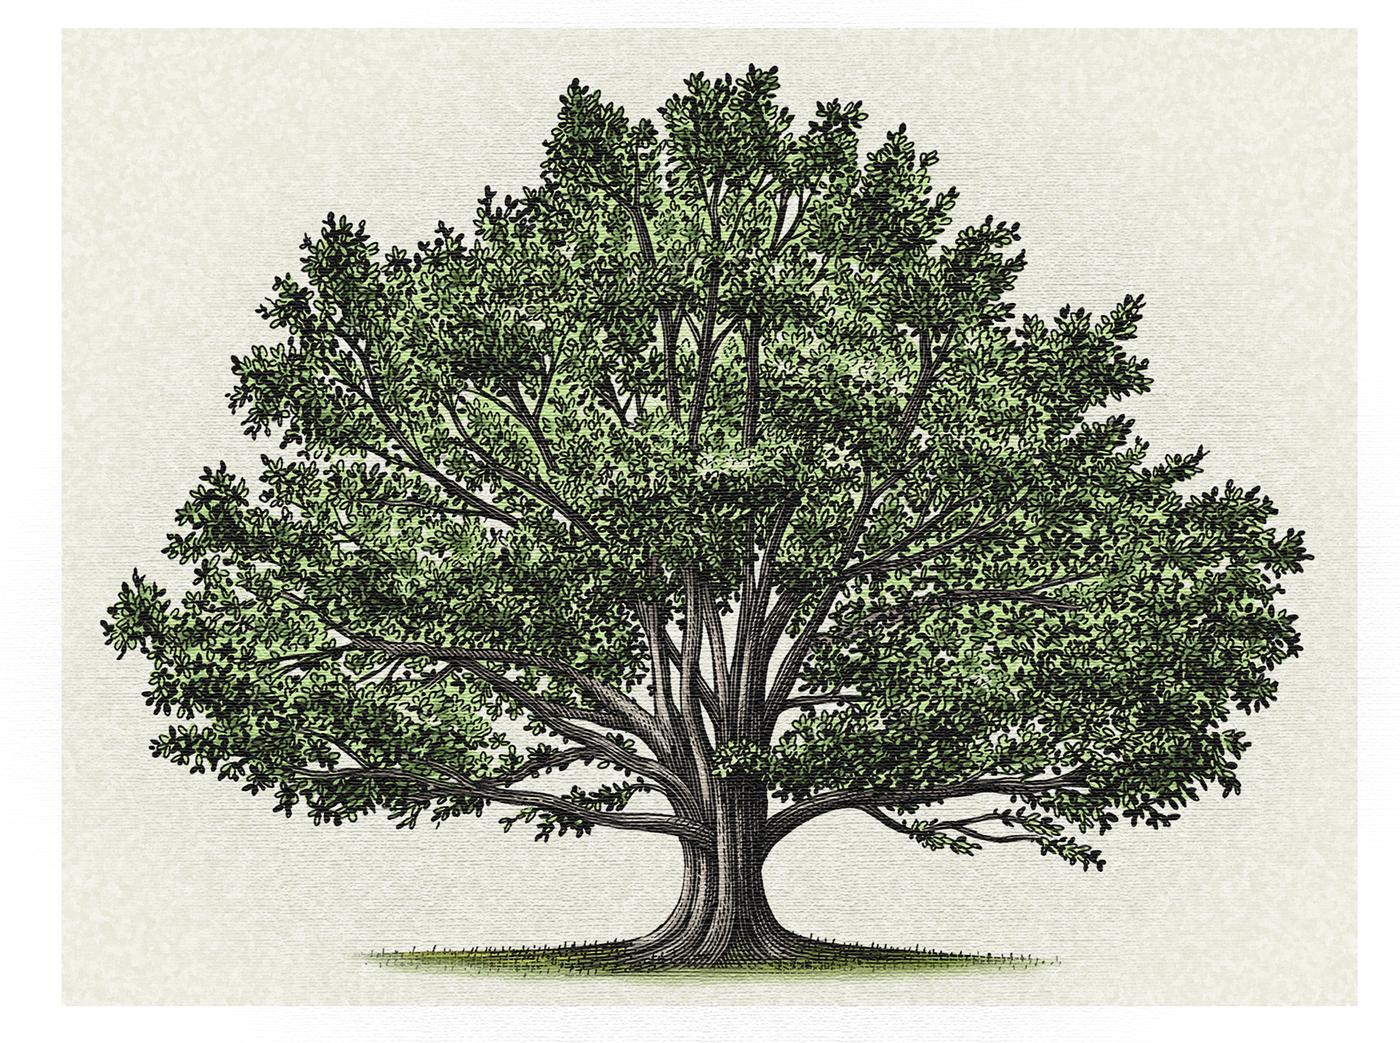 повседневной раскидистое дерево картинки без фона посадки